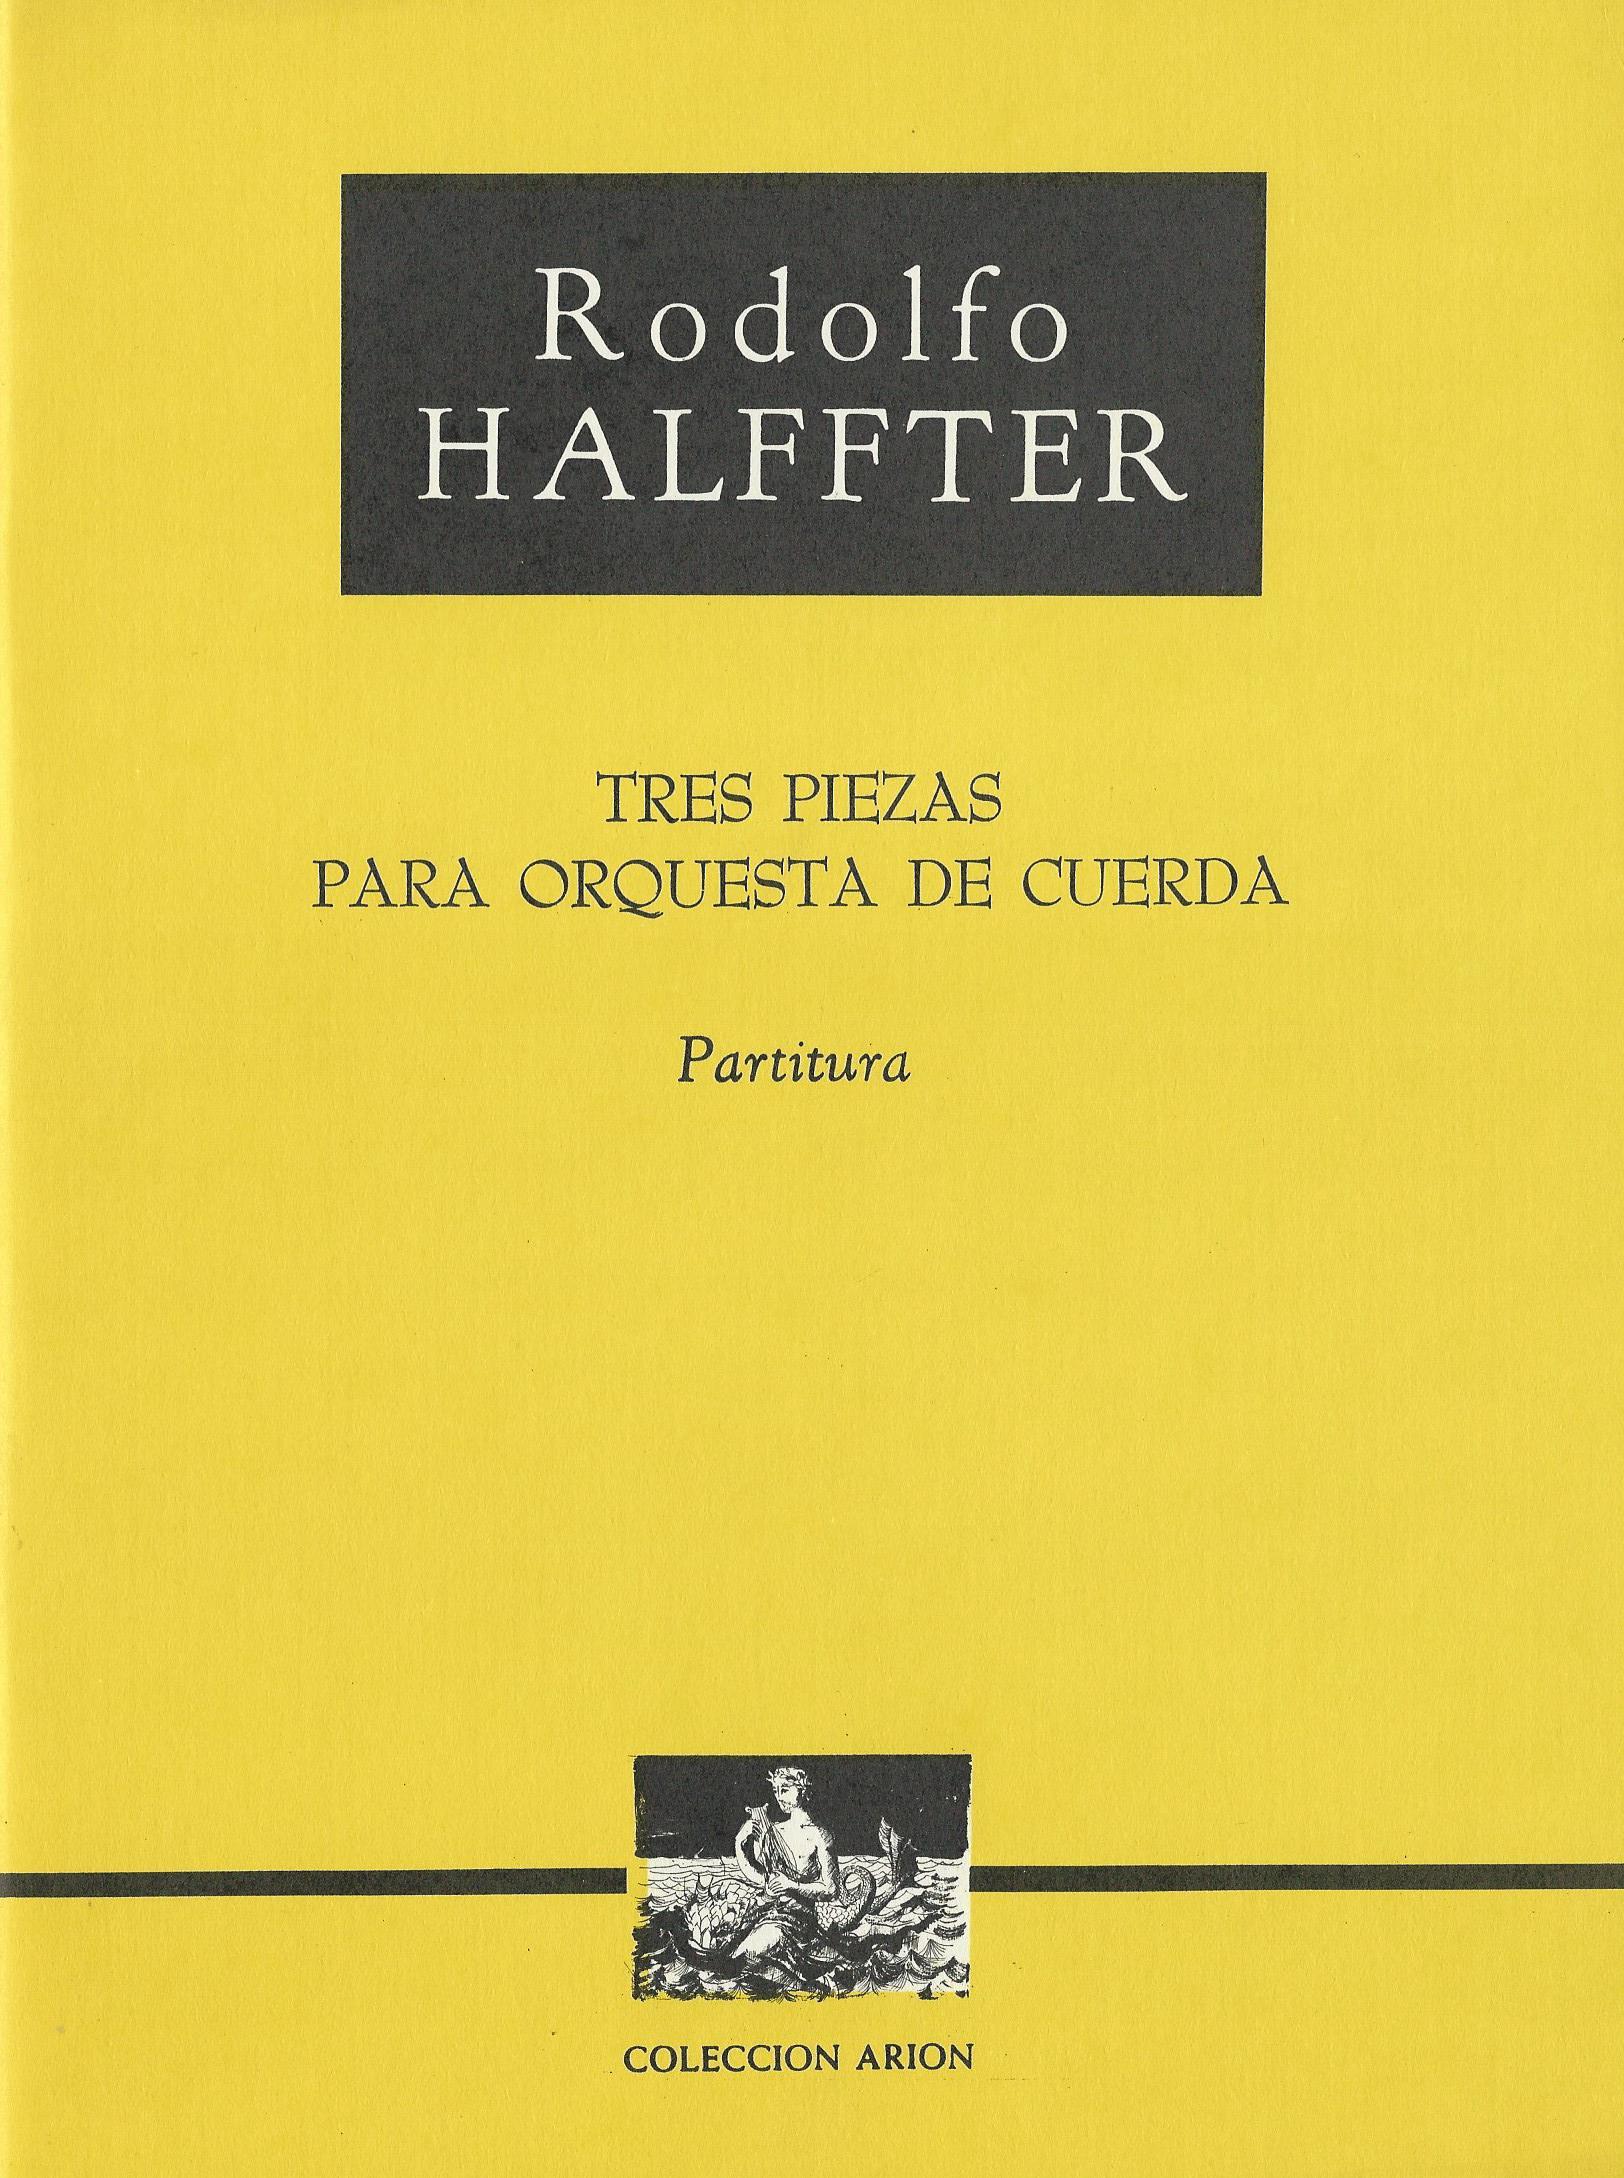 HALFFTER RODOLFO - Tres piezas para orquesta de cuerda 01.jpg